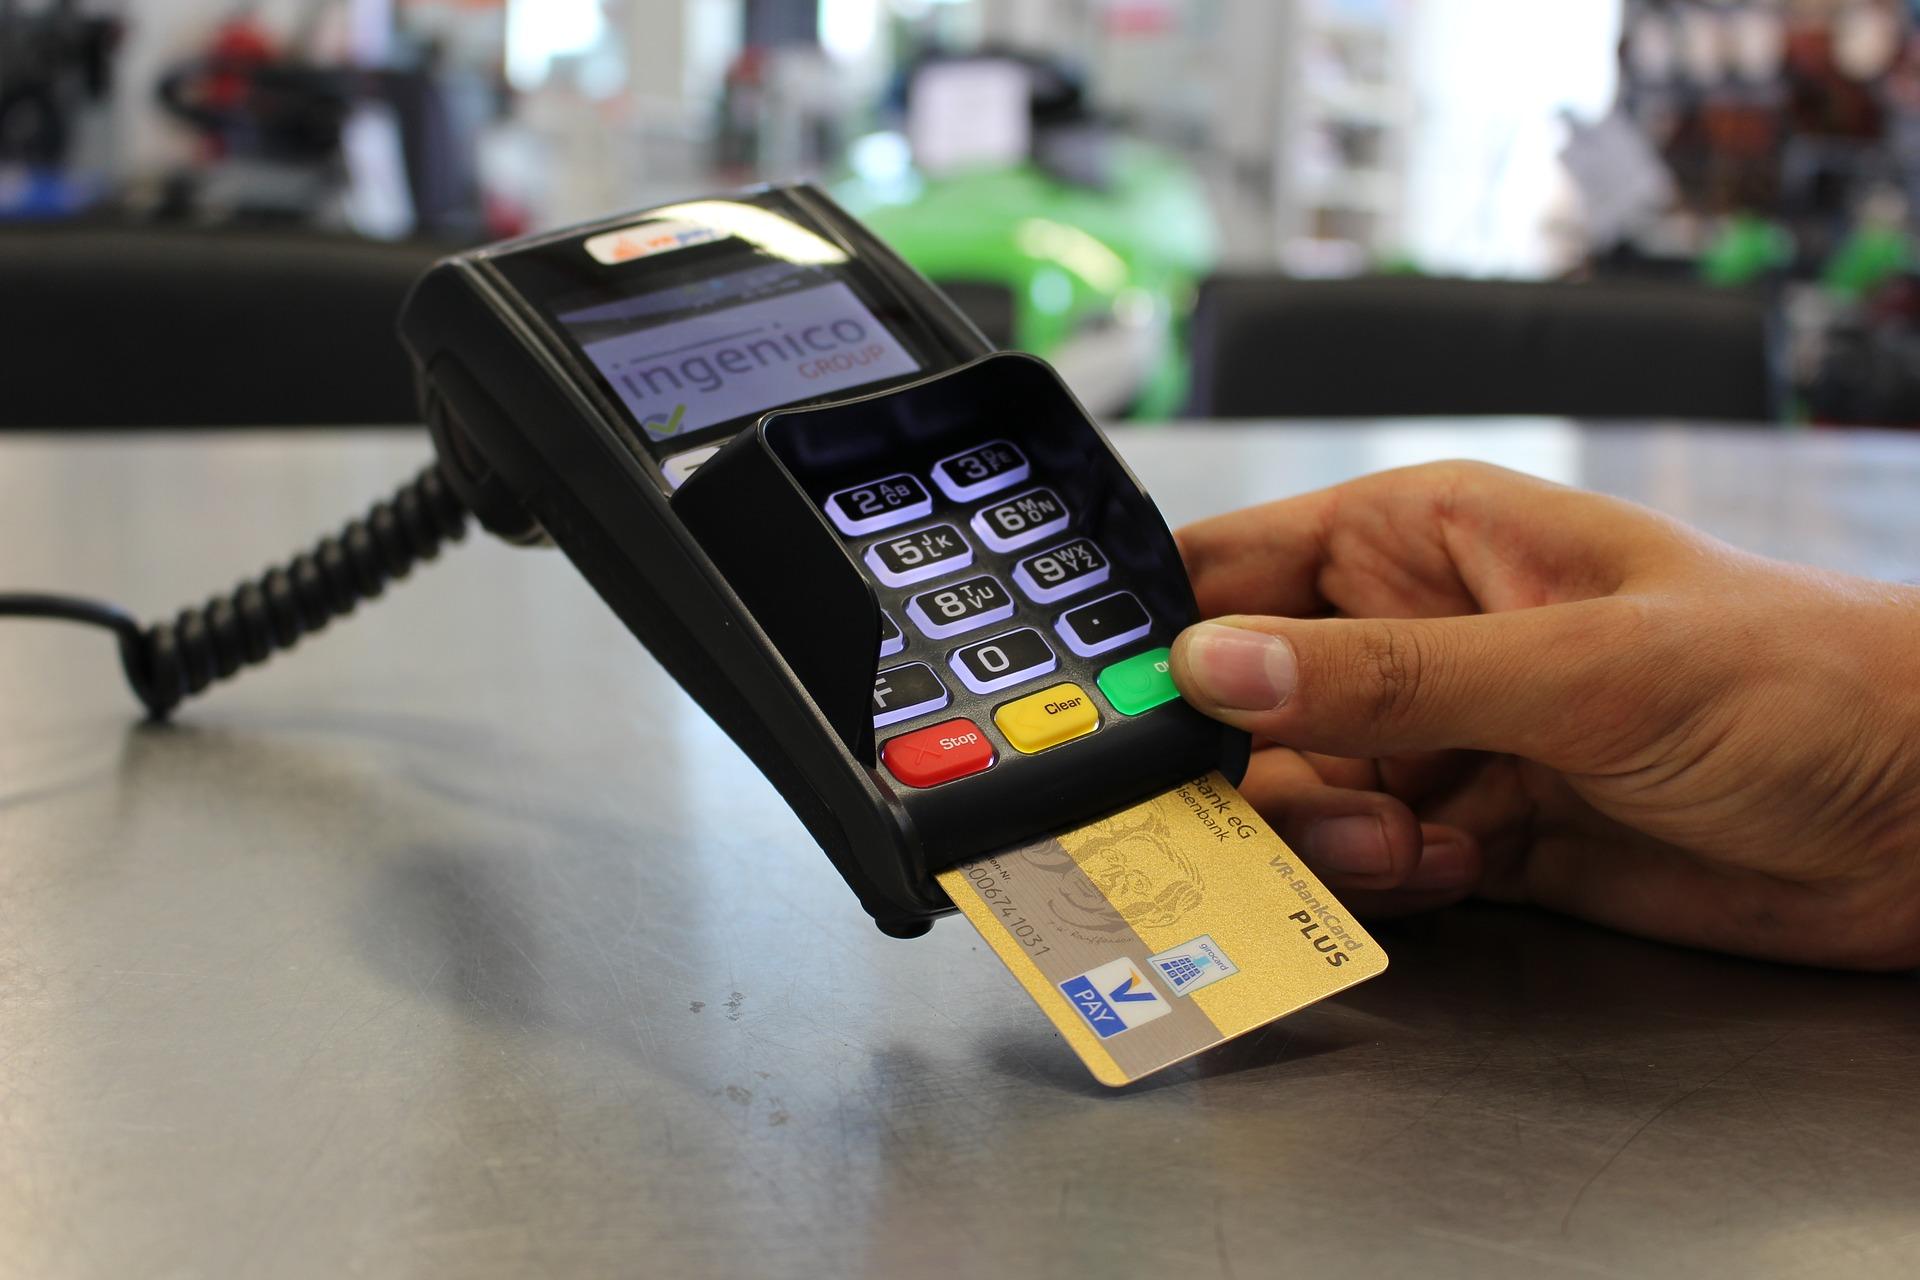 Безналичный расчёт во Франции: чеки, банковские карты